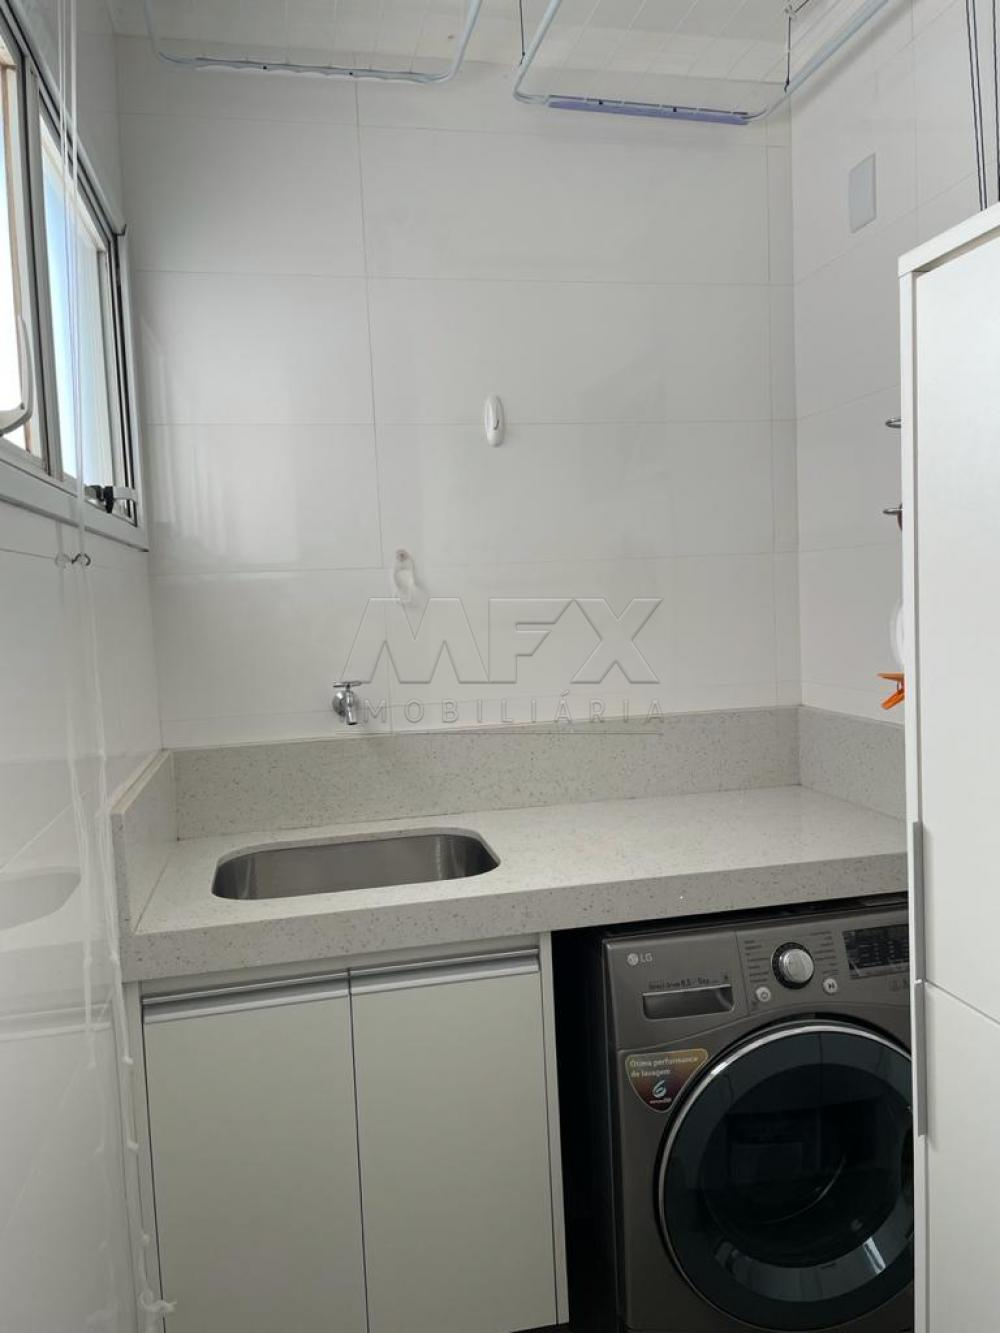 Comprar Apartamento / Padrão em Bauru R$ 420.000,00 - Foto 13